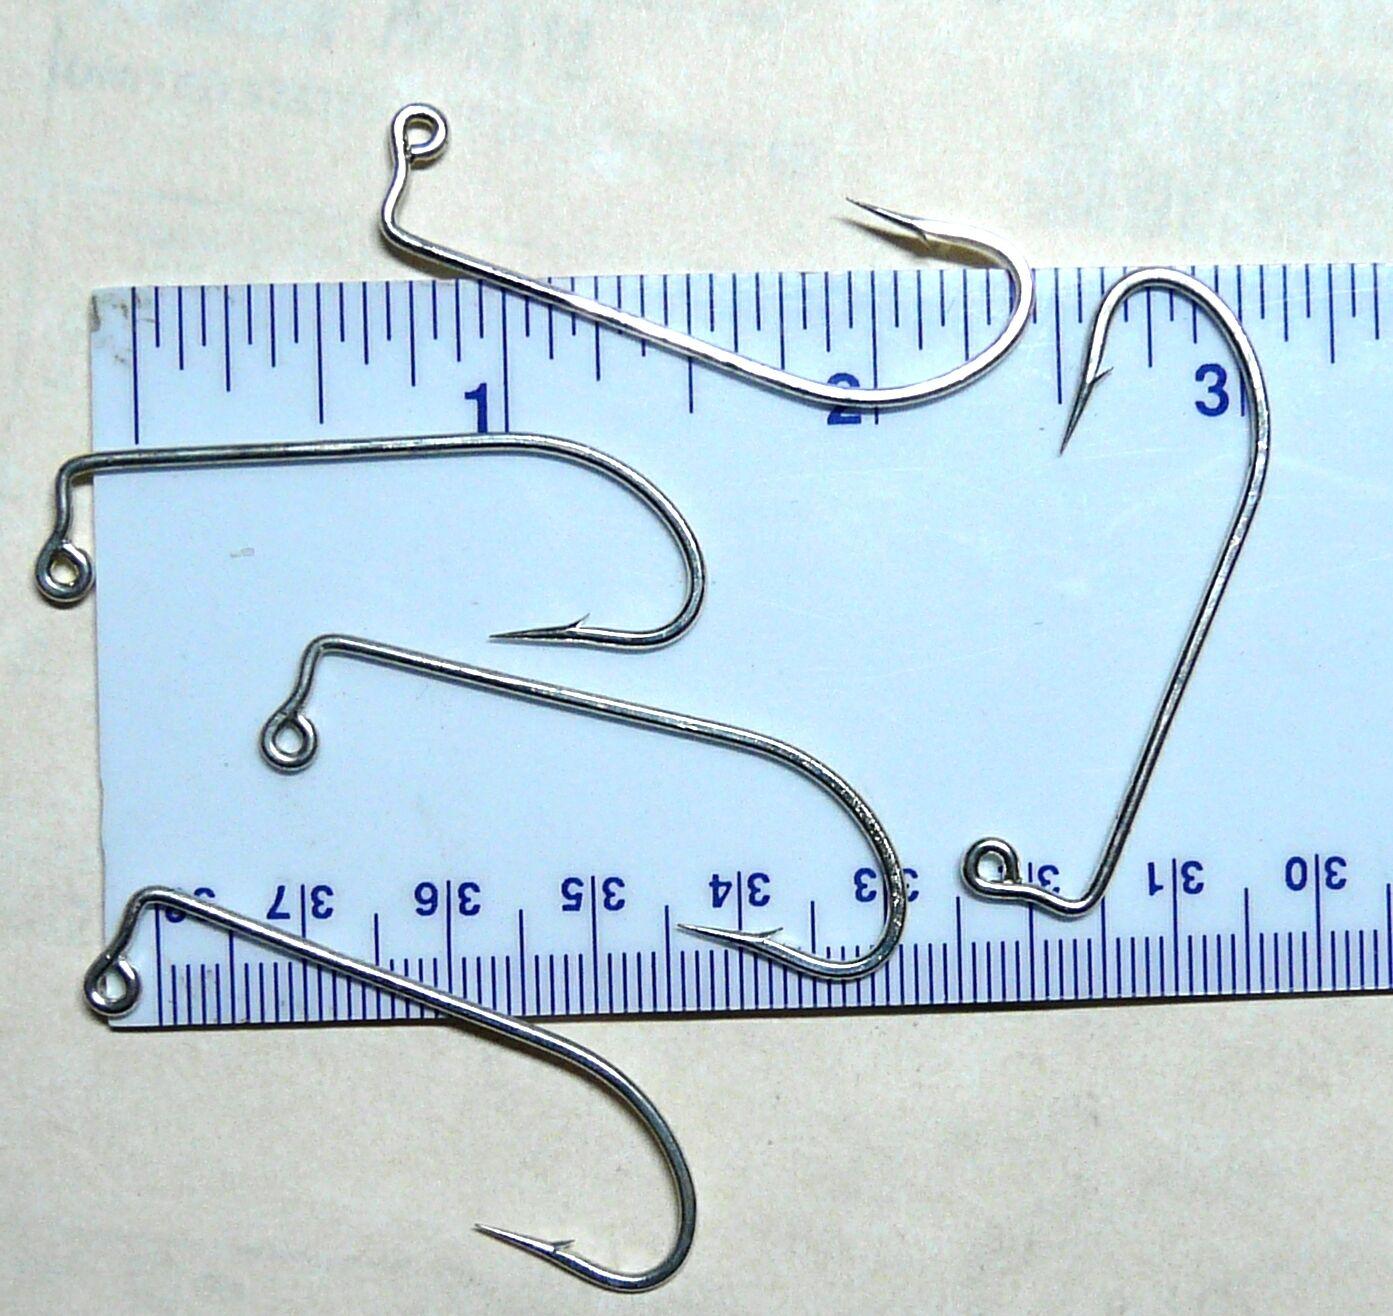 1000 Matzuo 132050 Sea Armor O'Shaughnessy 90 Degree Jig Fish Fishing Hooks 20